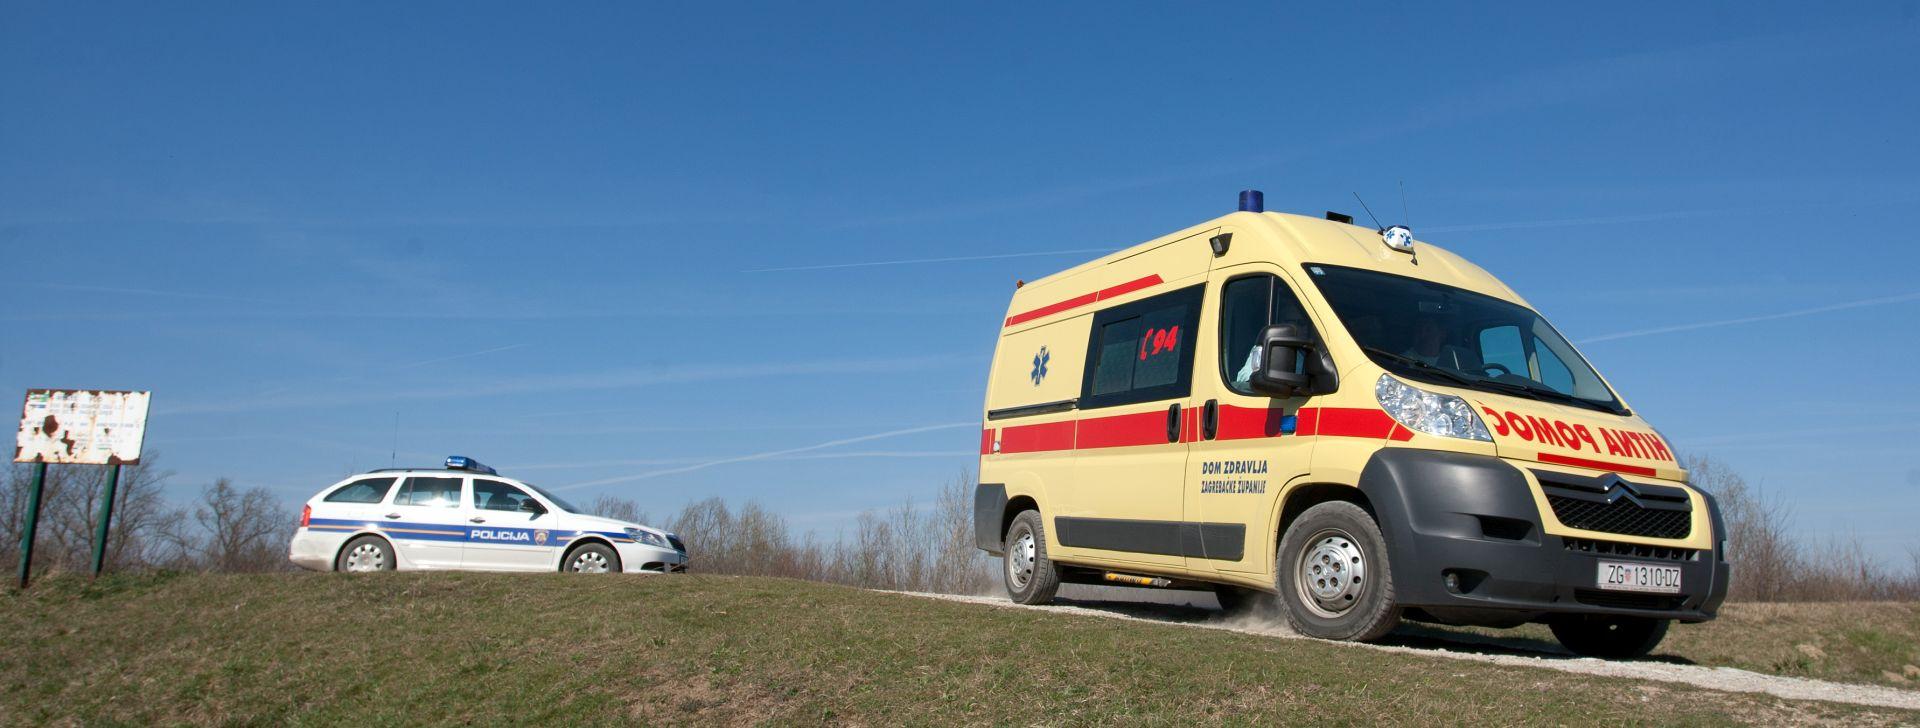 Petero ozlijeđenih u sudaru dva automobila u Gori kod Petrinje